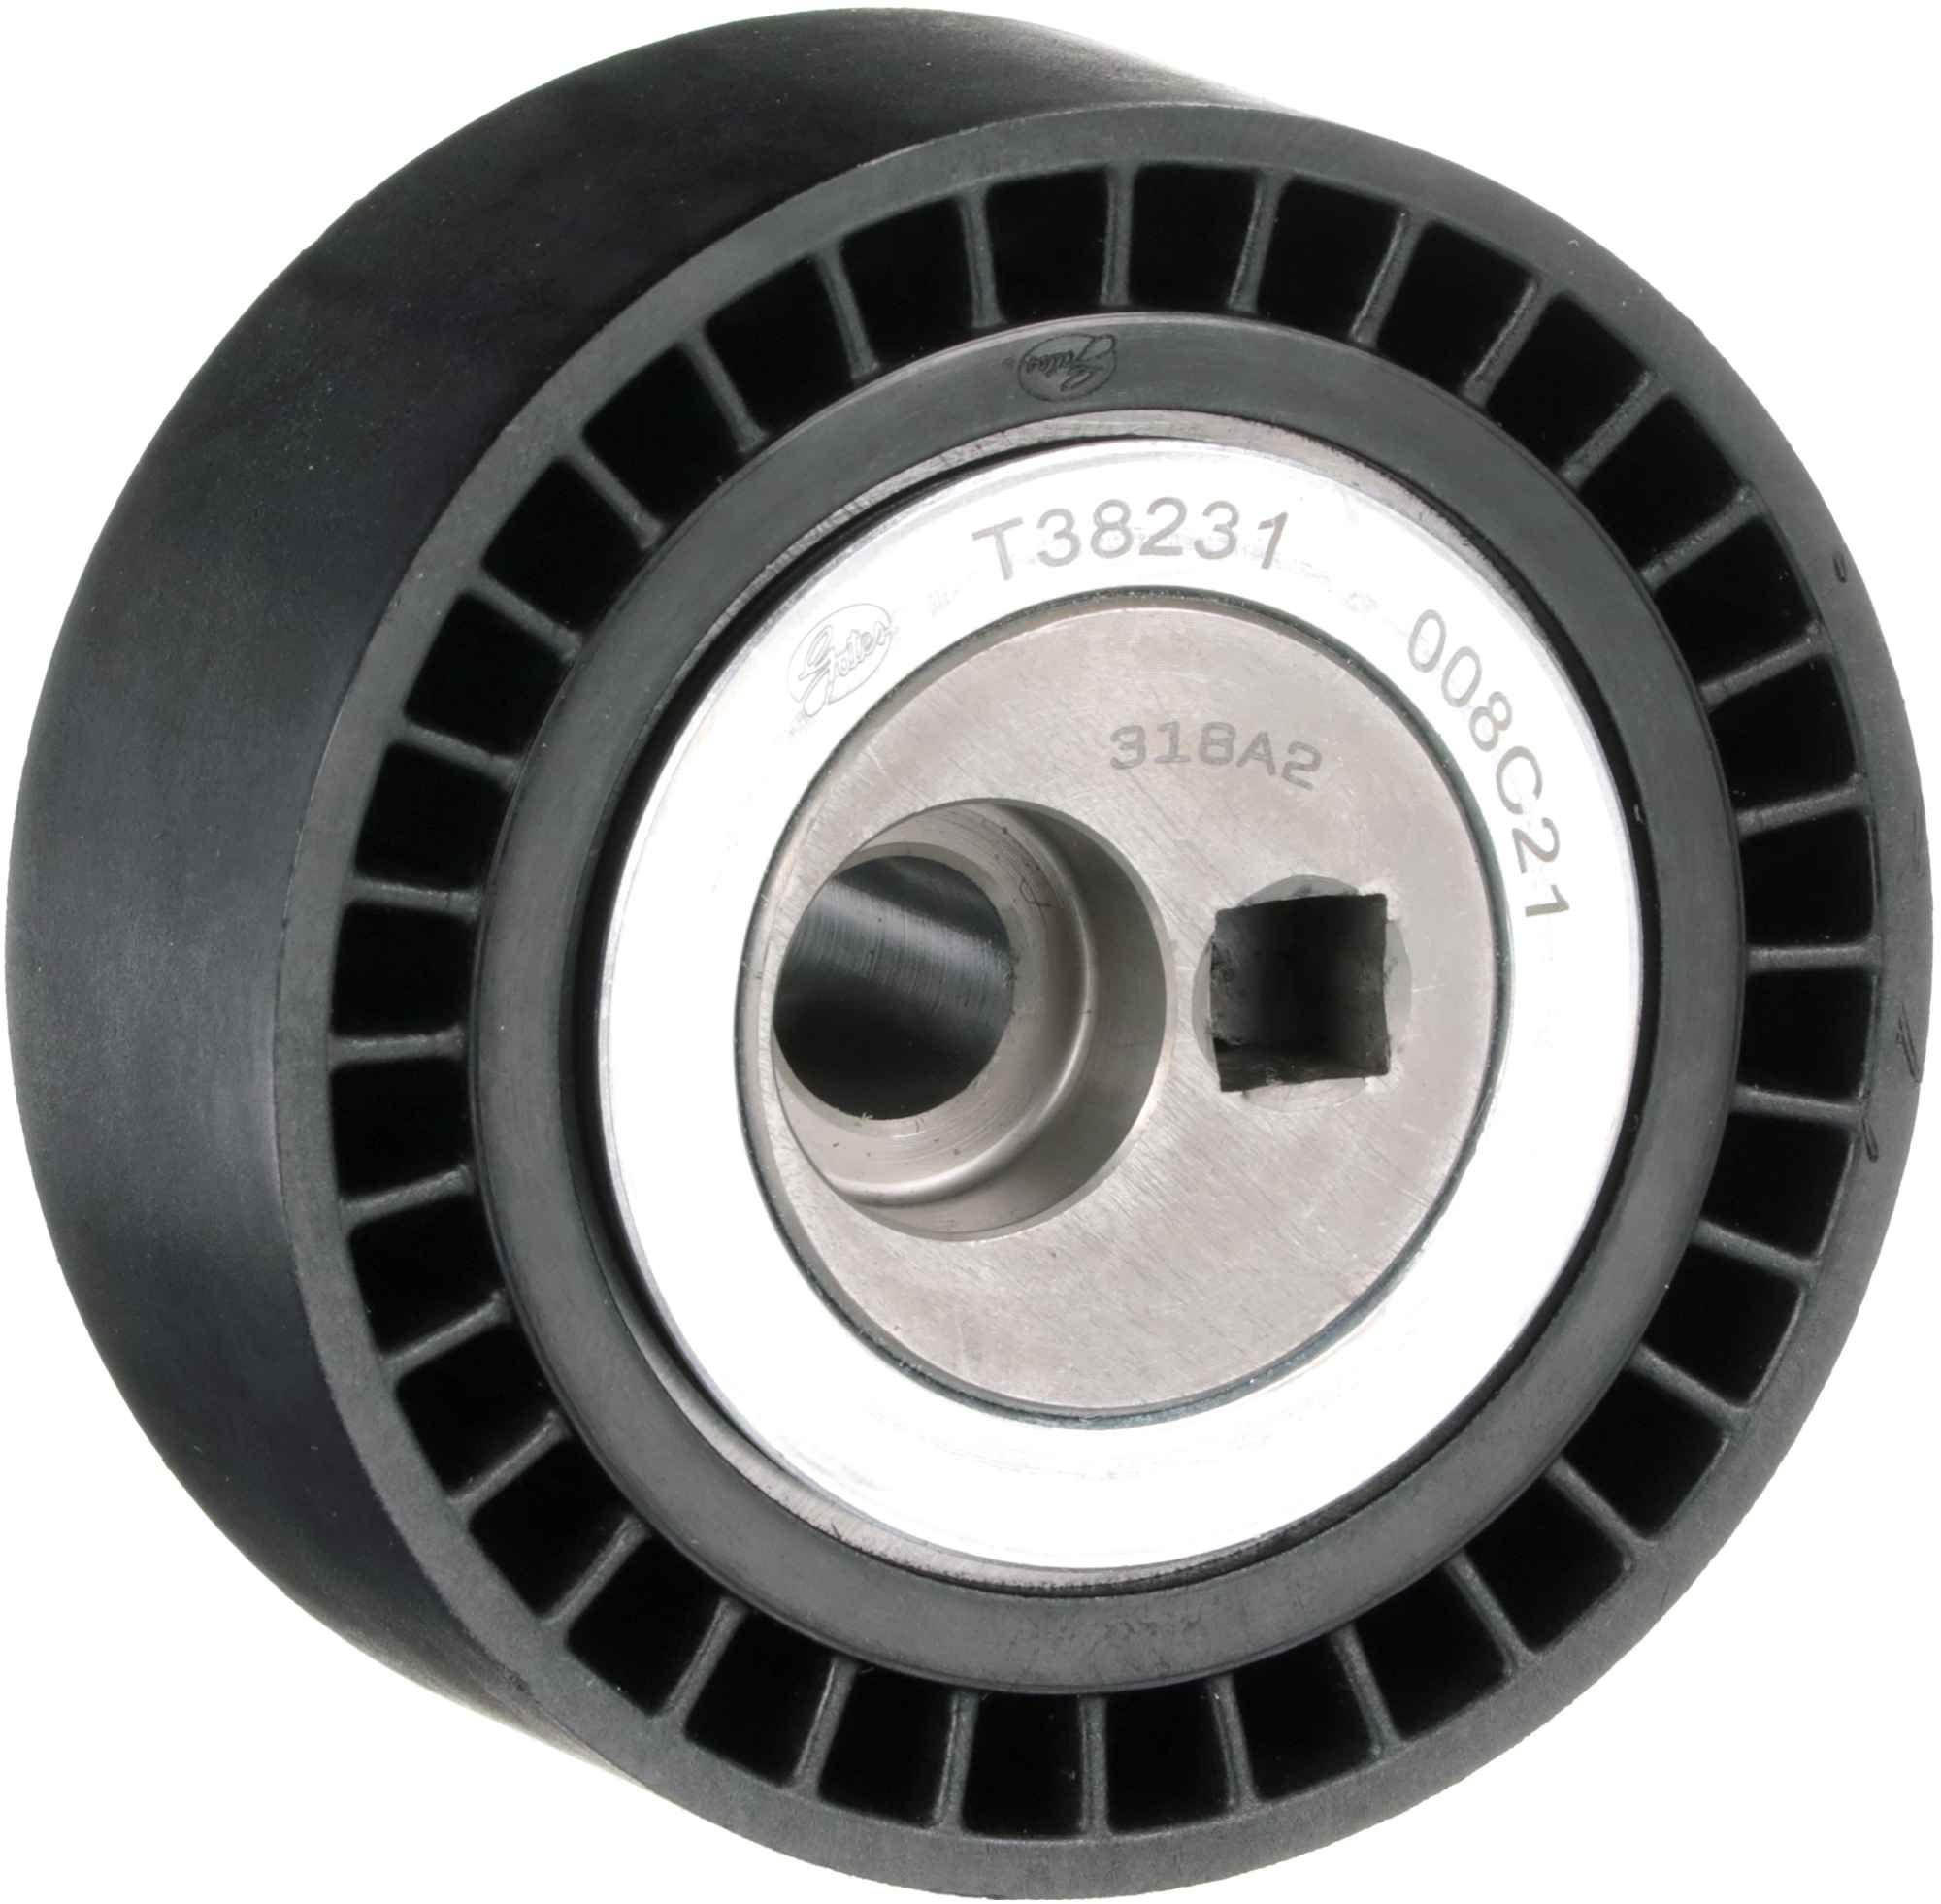 GATES FleetRunner™ Micro-V® Kit T38231 Spannrolle, Keilrippenriemen Breite: 27mm